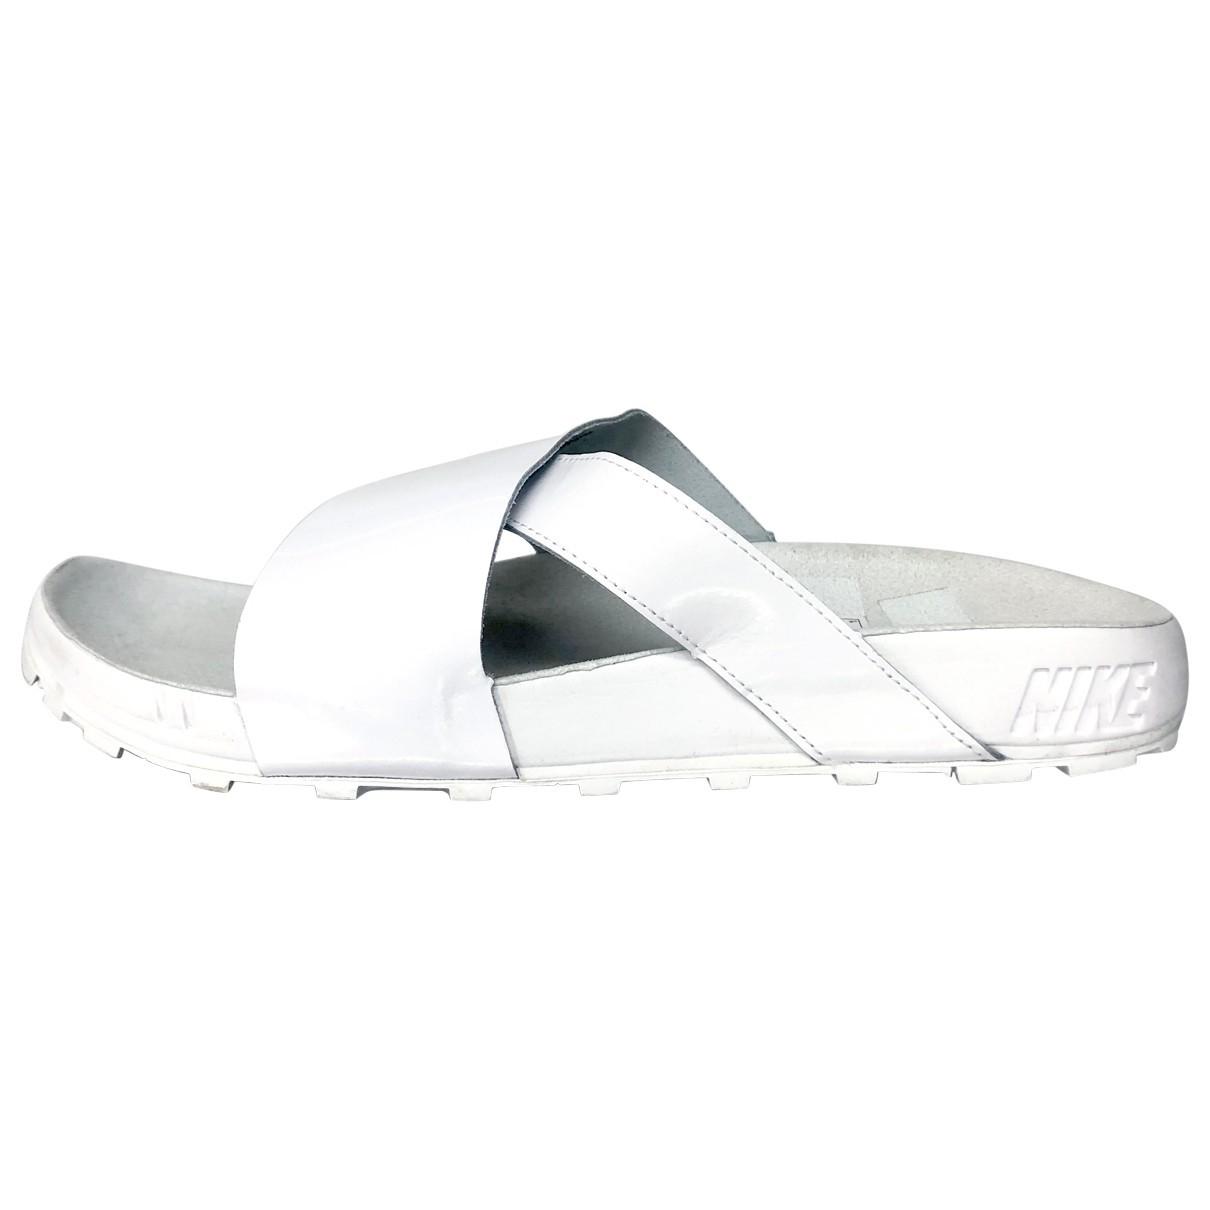 Sandalias romanas de Charol Nike